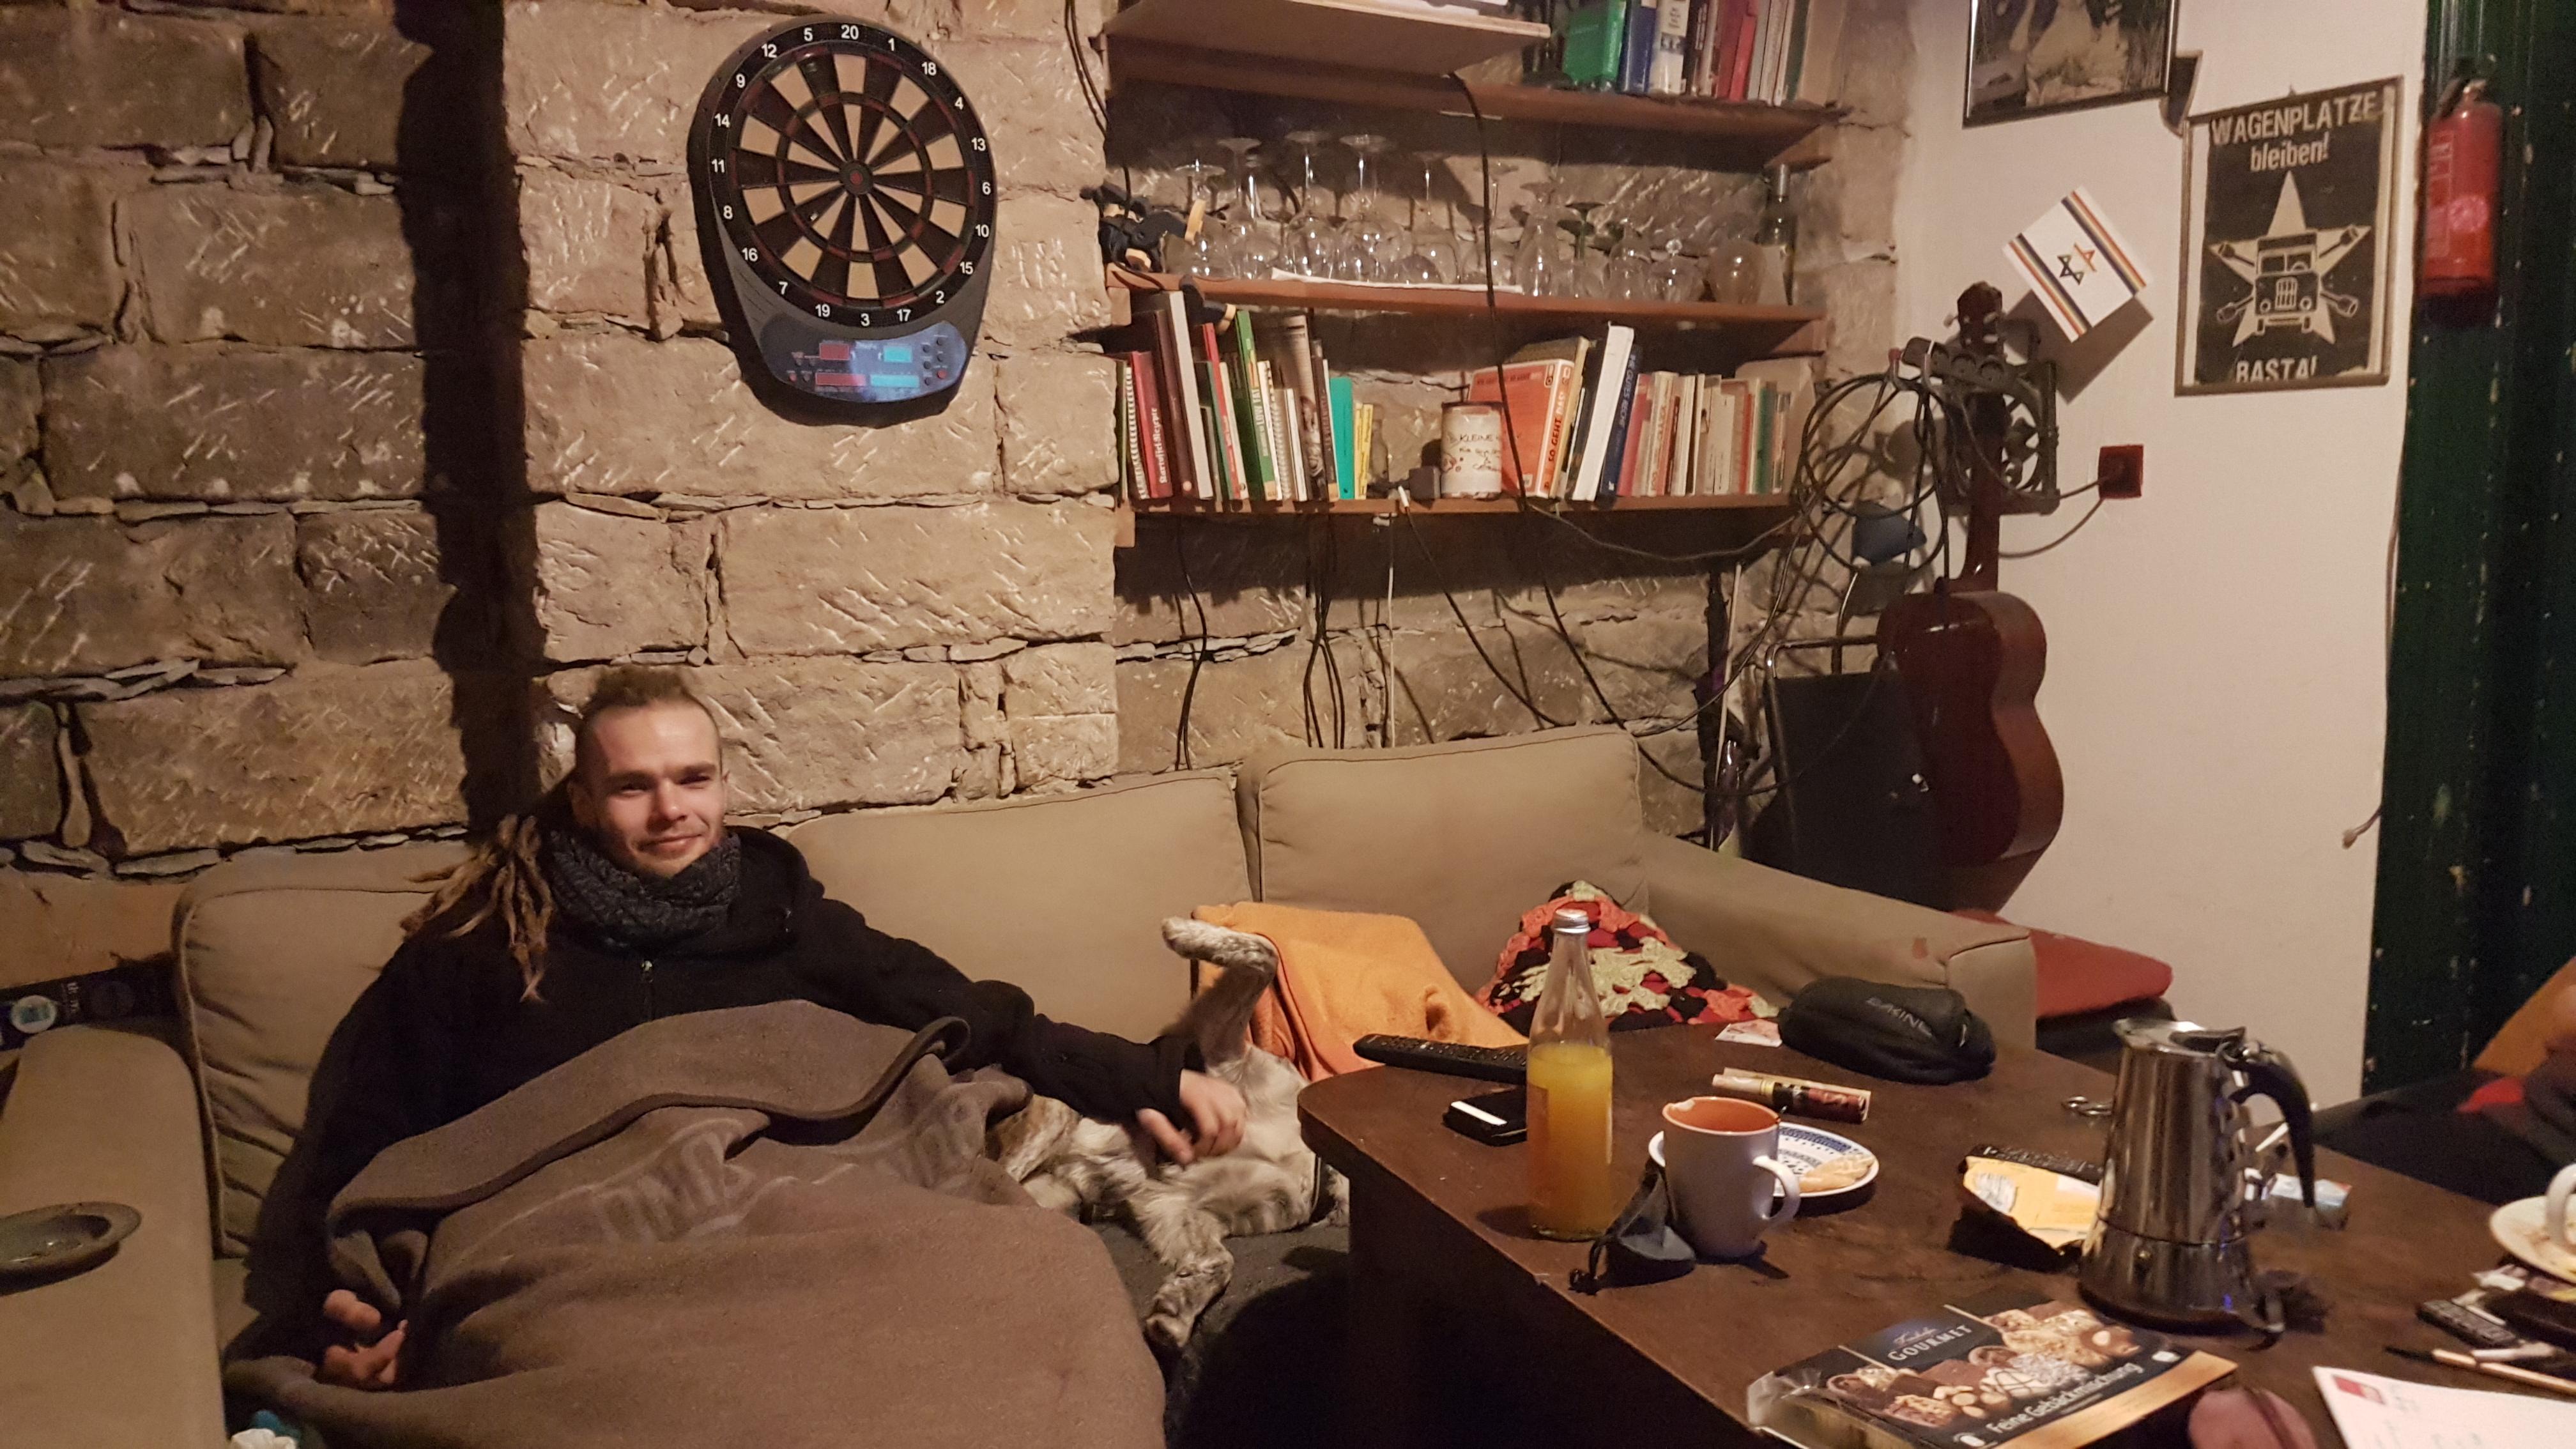 İşgal evinin ortak kullanılan oturma odasına girdiğimizde kanepede köpeğine sarılıp televizyon izleyen Conny'yle tanışıyoruz.